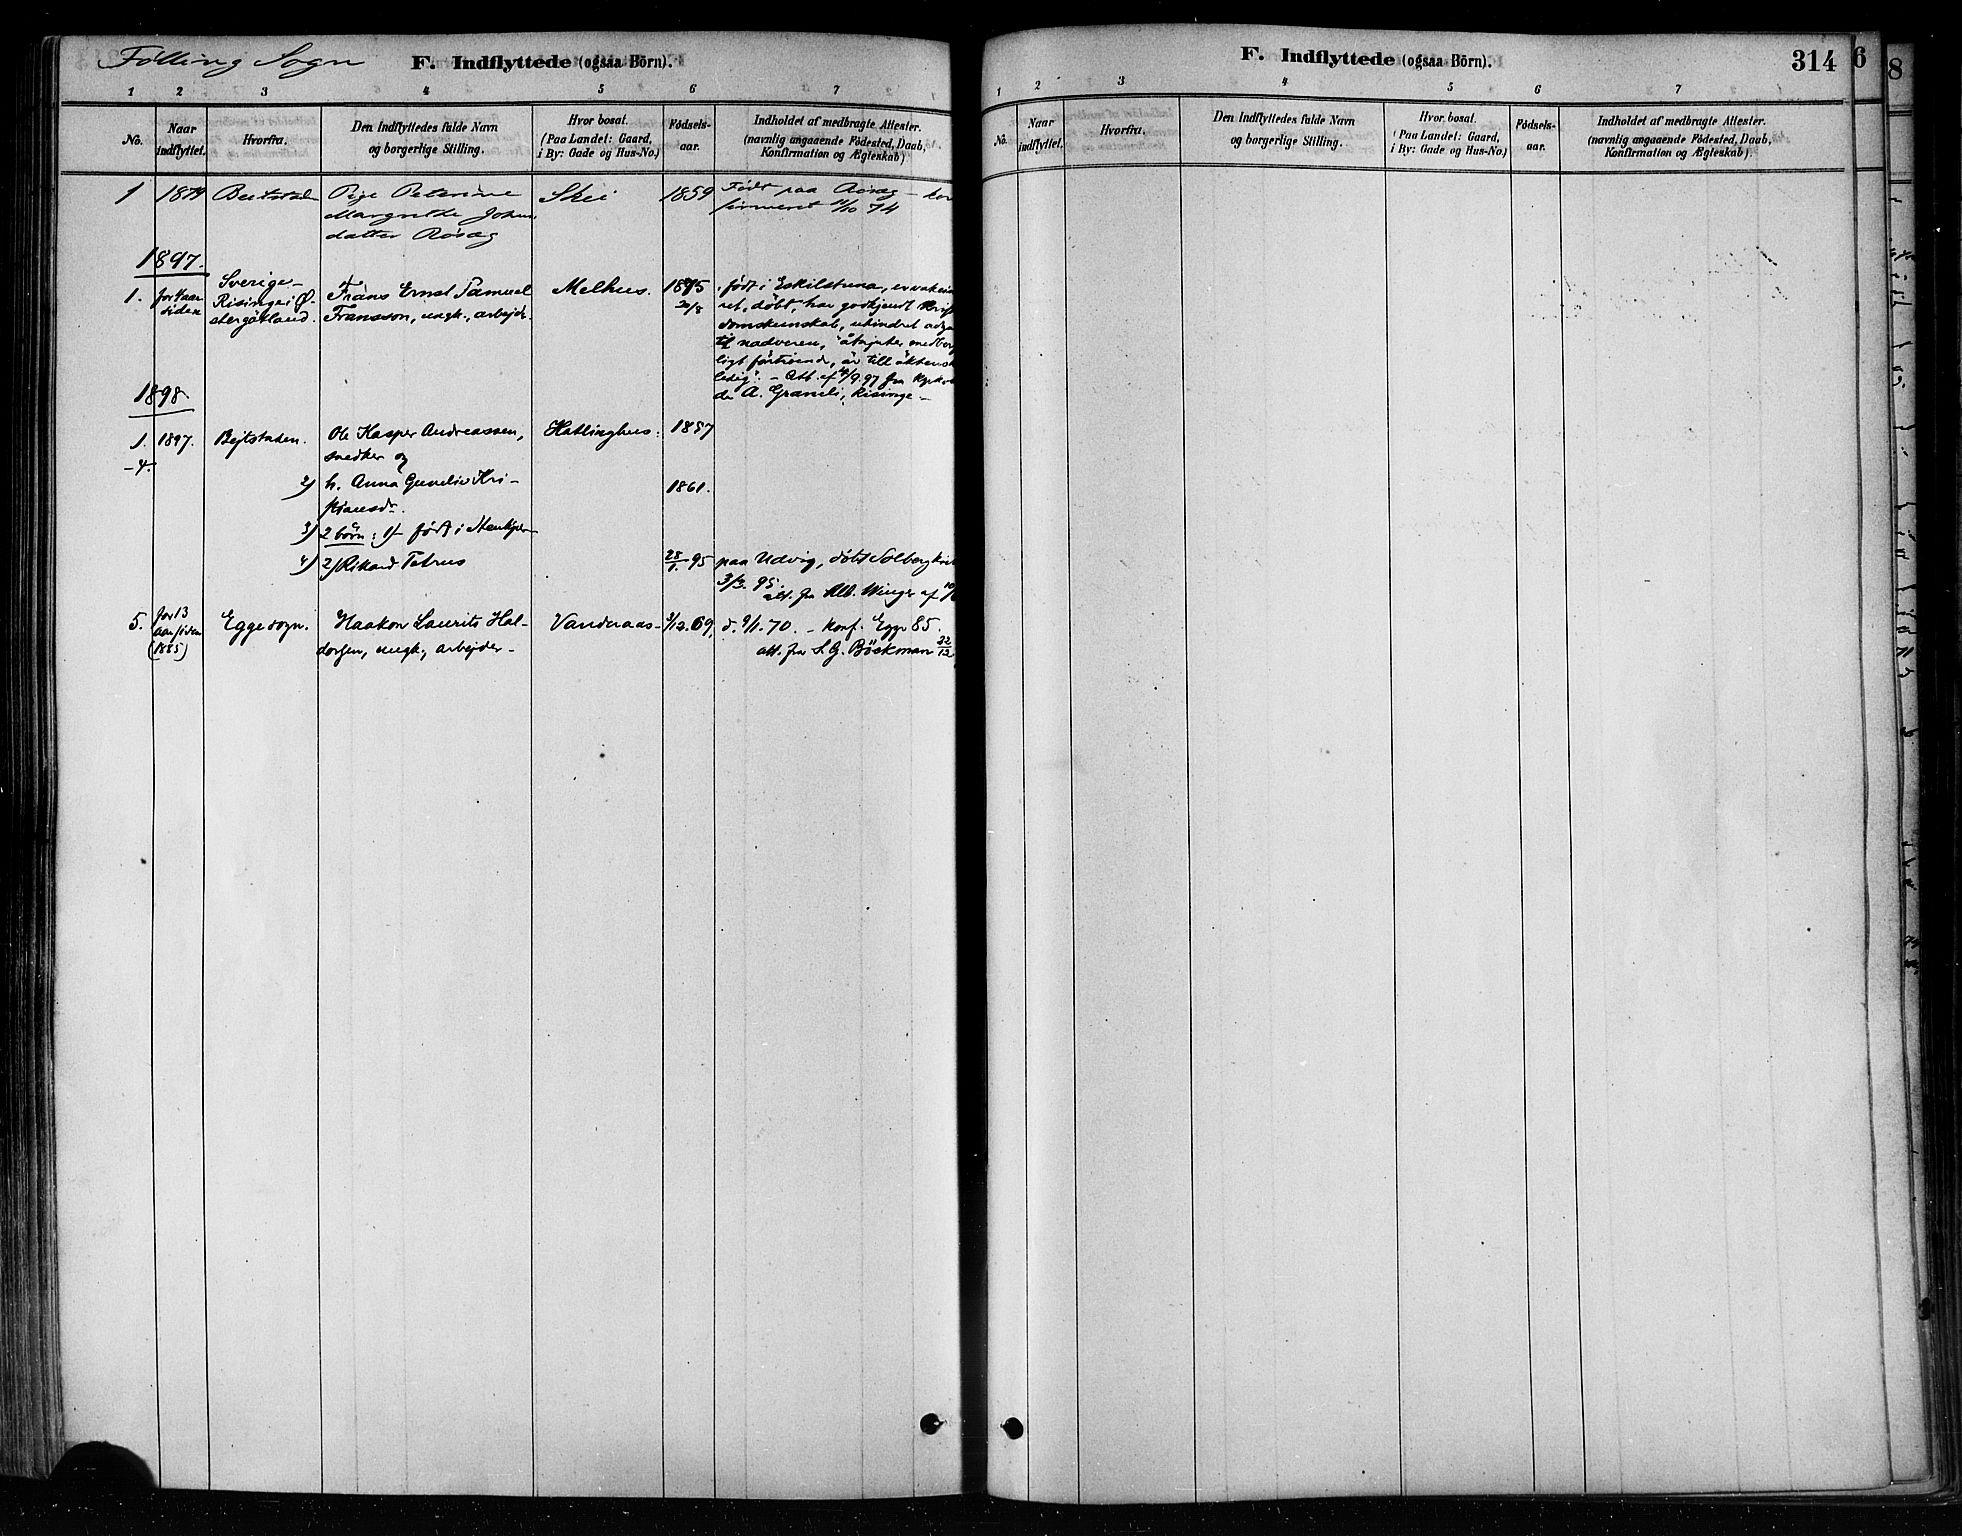 SAT, Ministerialprotokoller, klokkerbøker og fødselsregistre - Nord-Trøndelag, 746/L0449: Ministerialbok nr. 746A07 /3, 1878-1899, s. 314